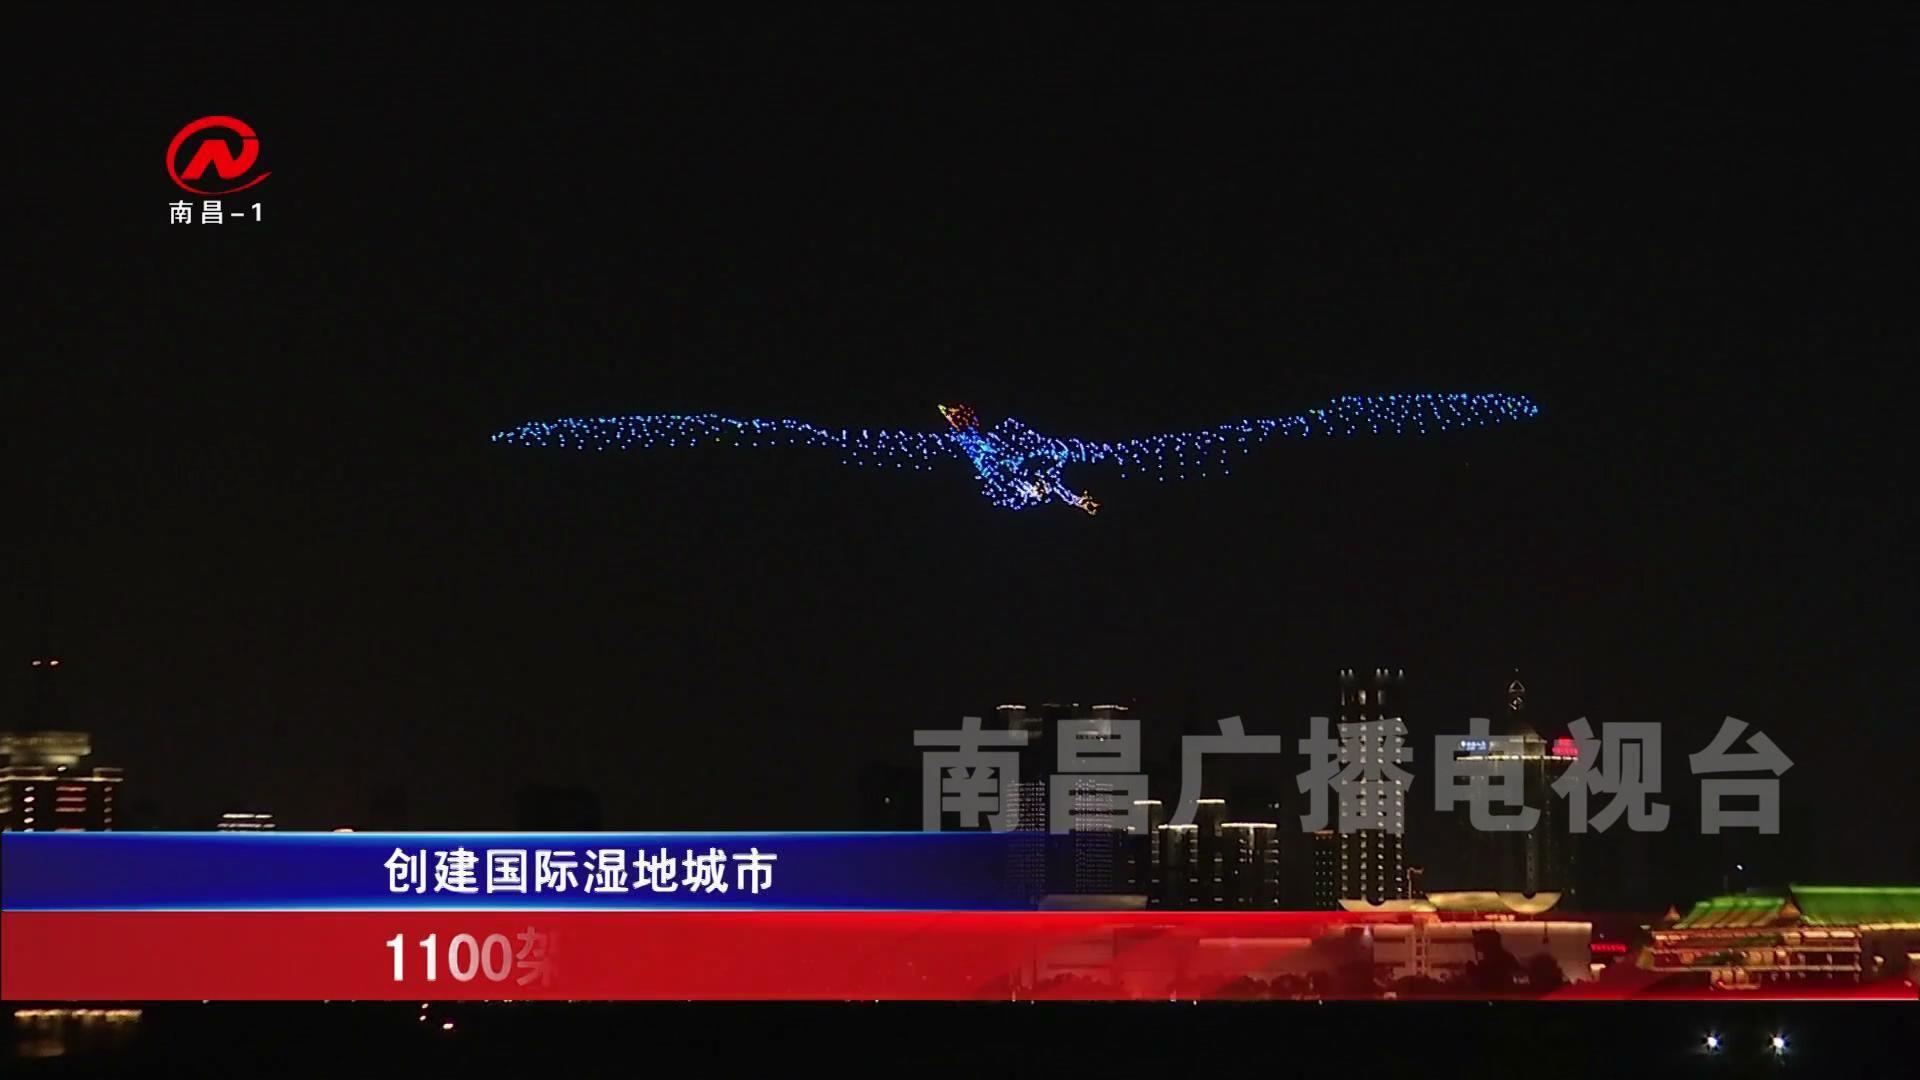 1100架無人機繪出候鳥最美瞬間